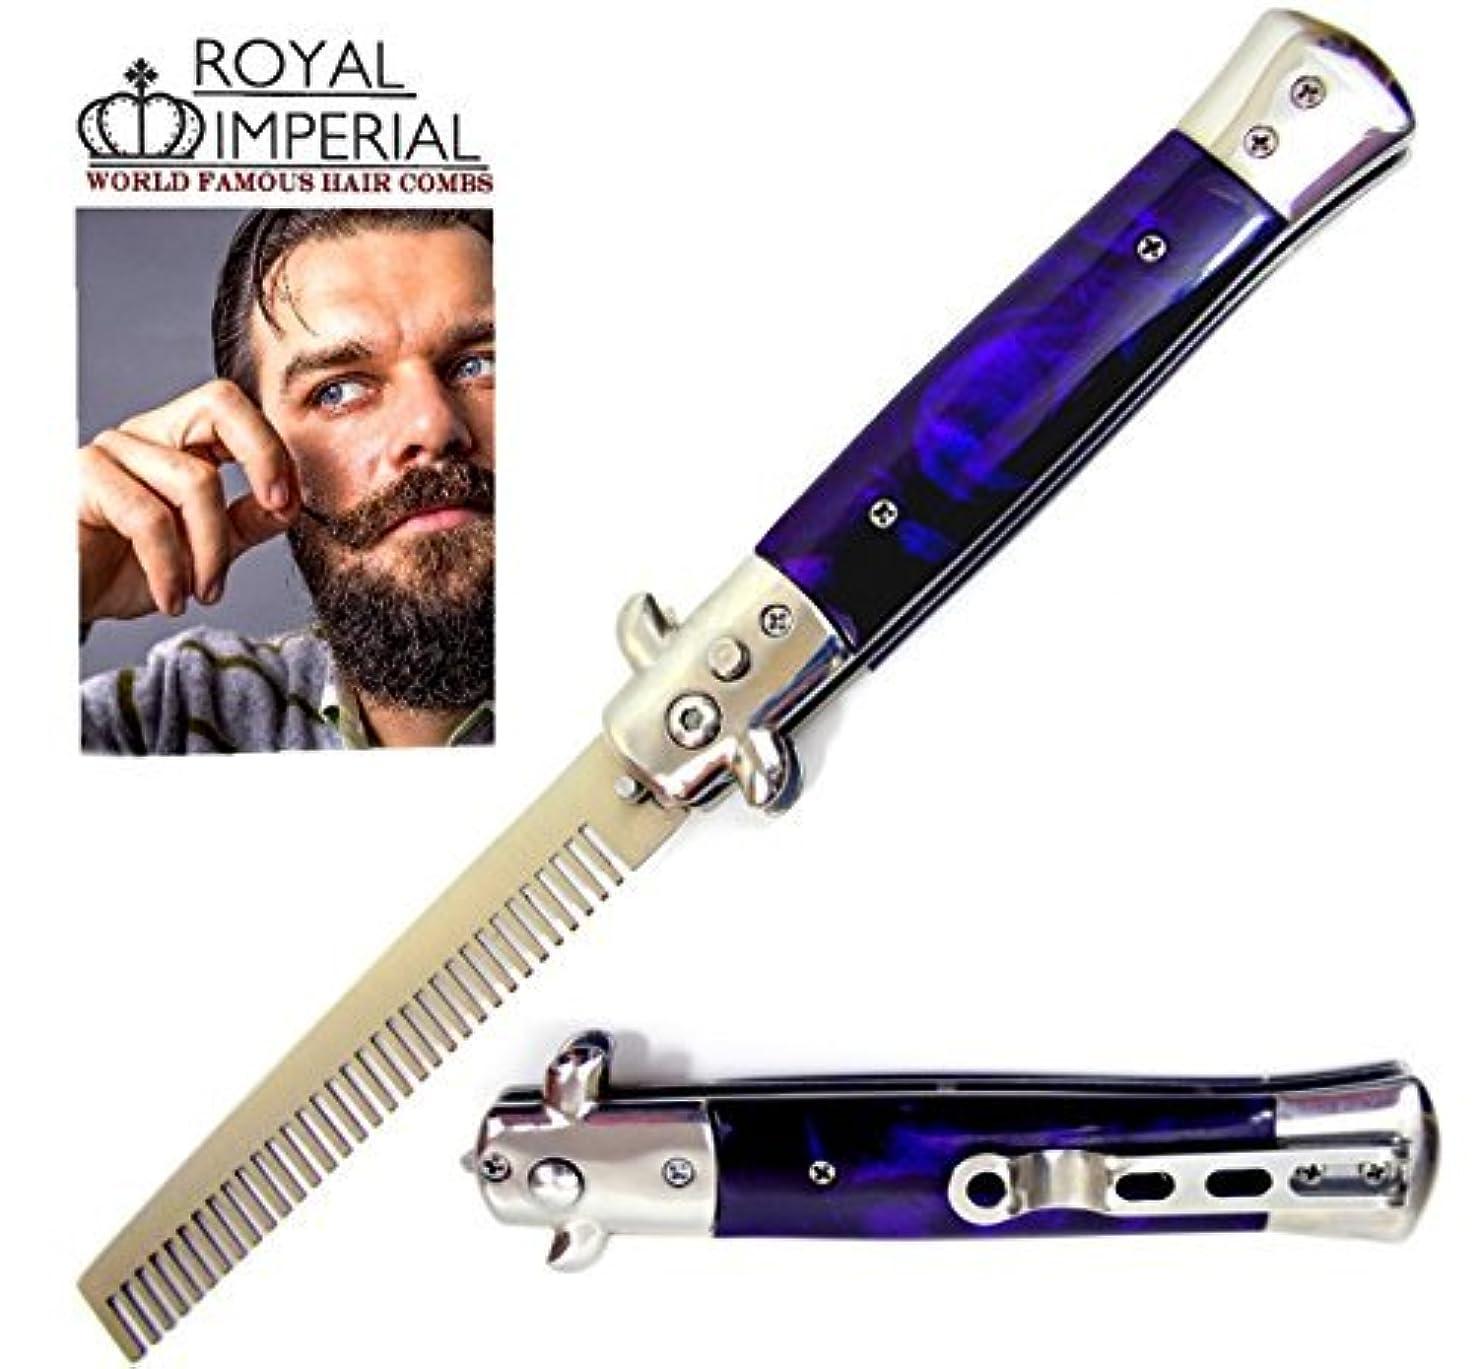 行為ピラミッドピケRoyal Imperial Metal Switchblade Pocket Folding Flick Hair Comb For Beard, Mustache, Head PURPLE THUNDER Handle...